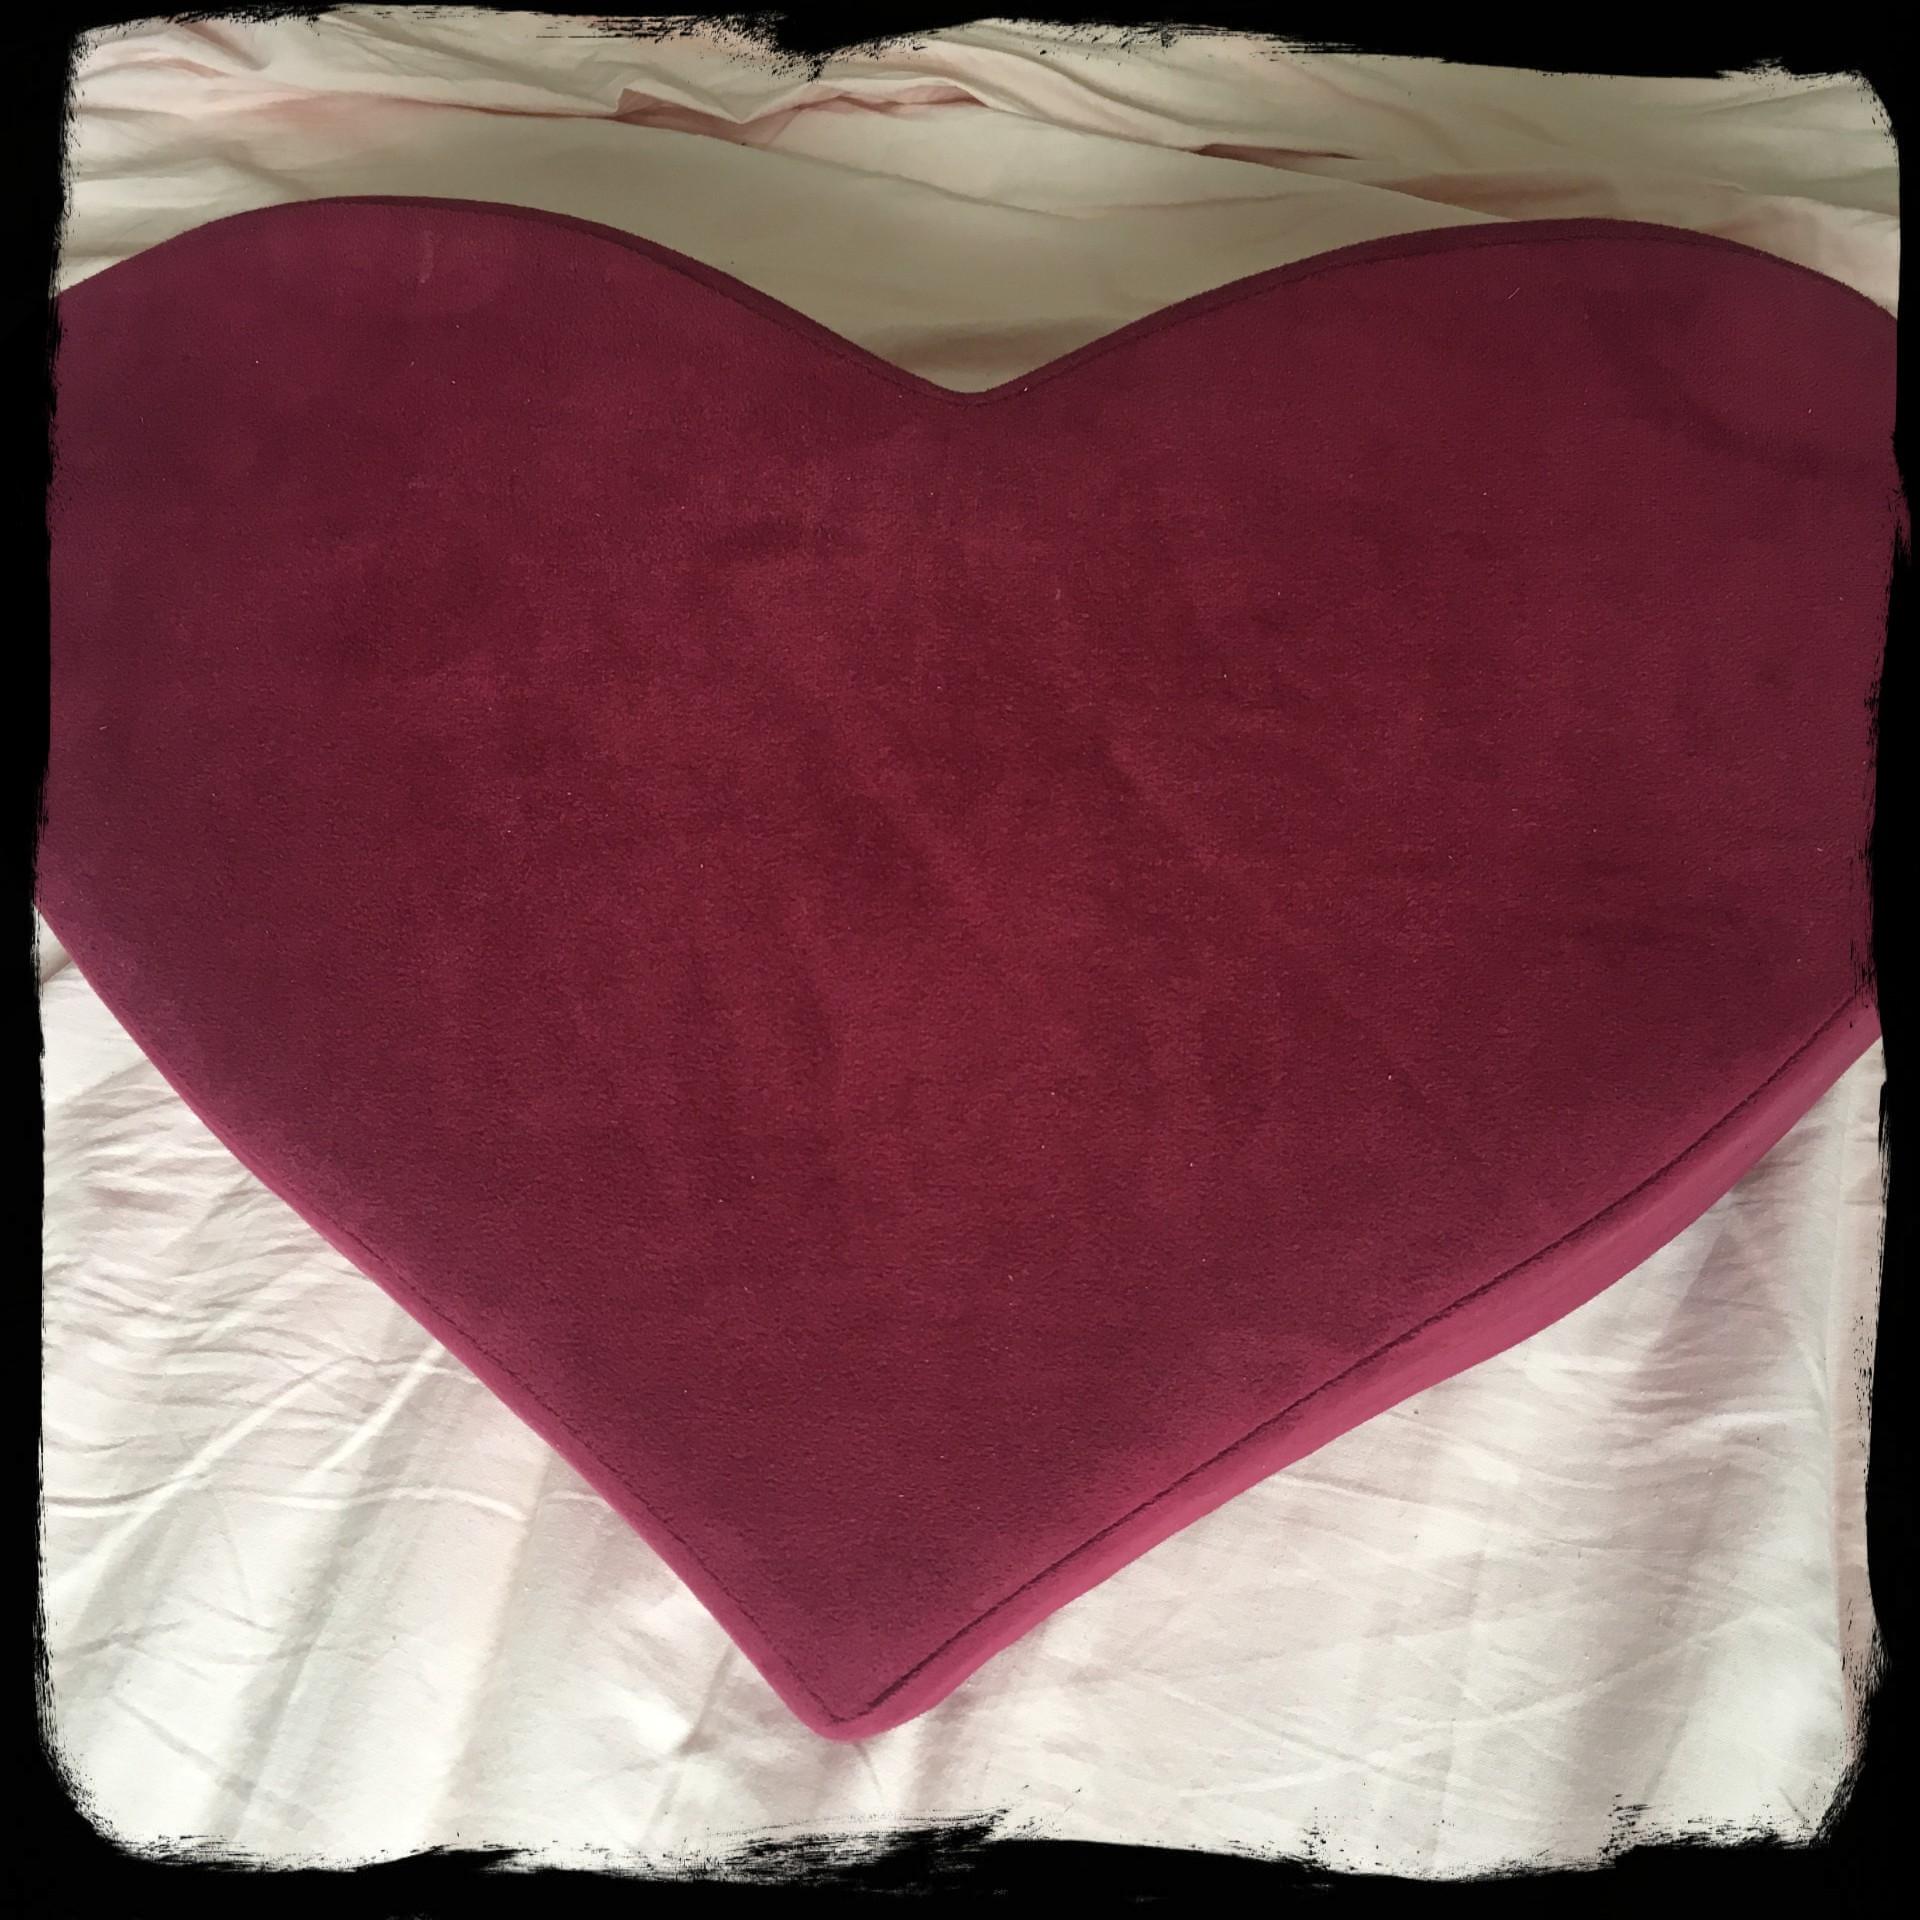 Het Heart Wedge kussen op een bed.